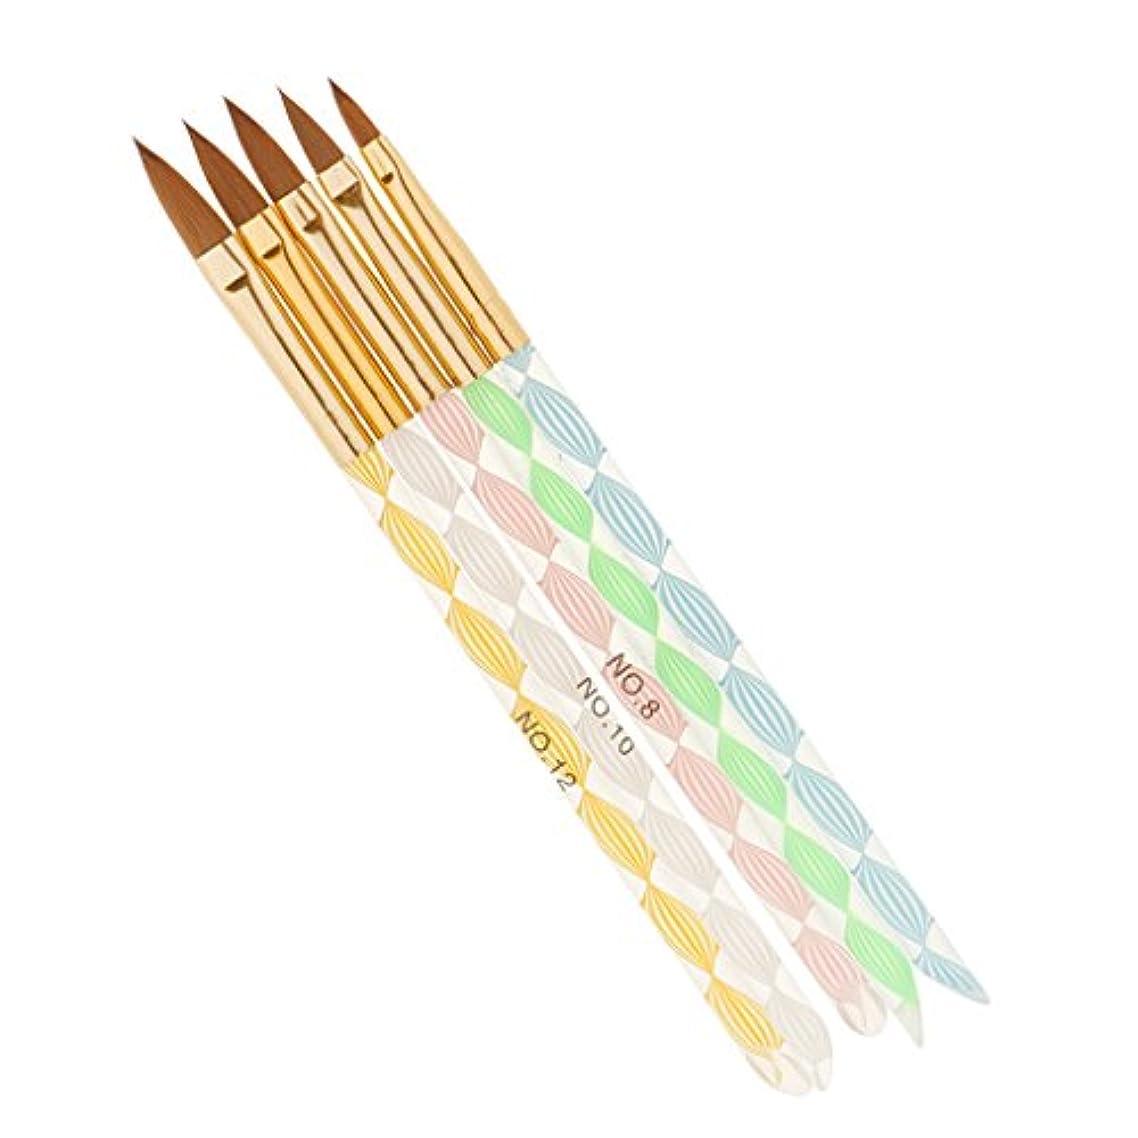 挨拶するピース受信機Perfk 5本 ネイルアート デザイン ブラシキット マニキュアツール 絵画 描画 磨き ブラシ